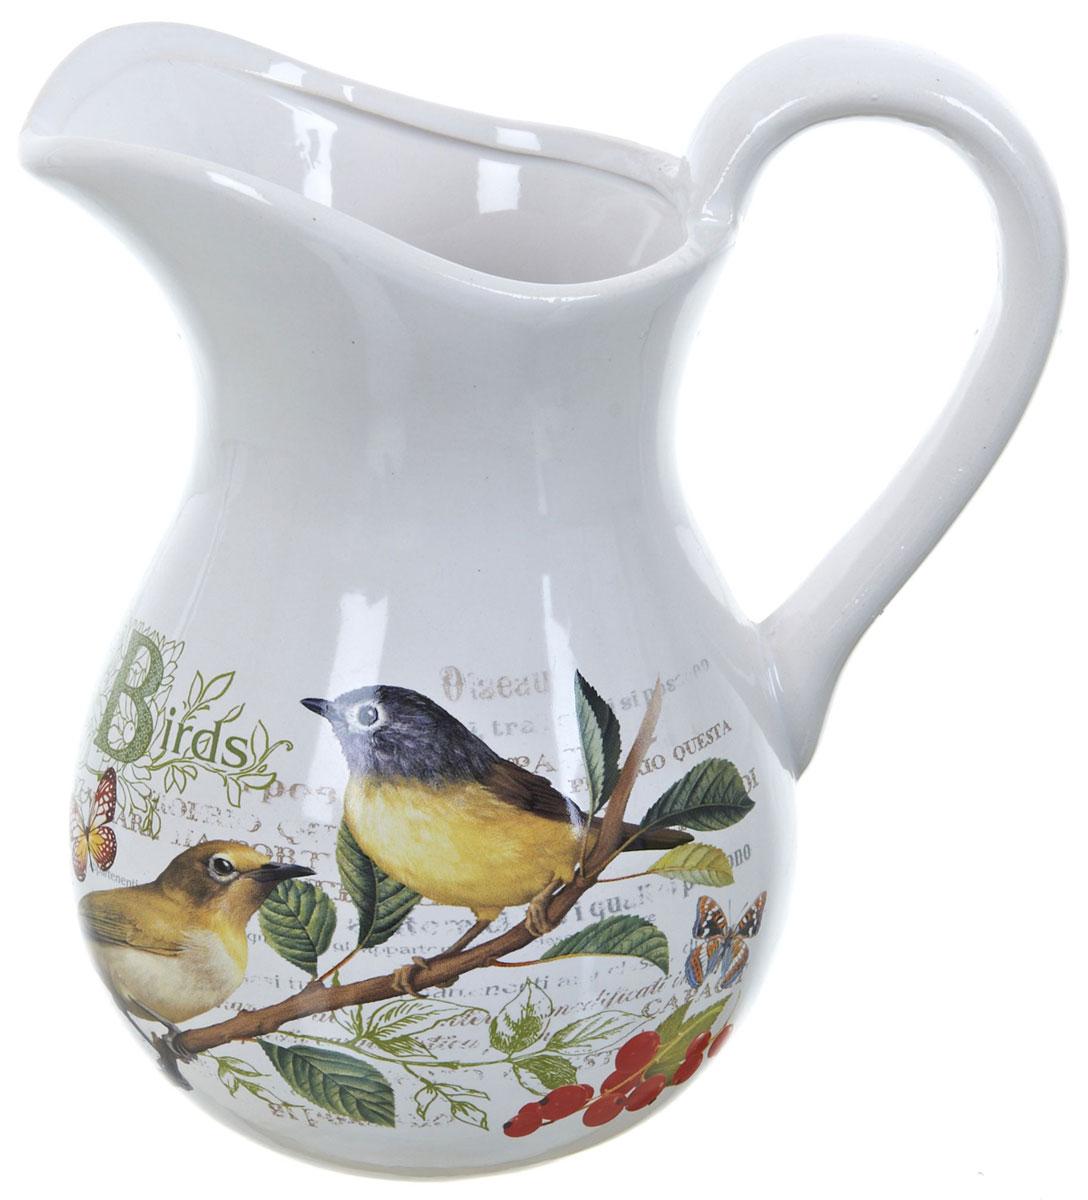 Кувшин ENS Group Birds, 1 лL2430753Кувшин Birds изготовлен из высококачественной керамики с изящным рисунком. Кувшин оснащен удобной ручкой. Прекрасно подходит для подачи воды, сока, компота и других напитков. Изящный кувшин красиво оформит стол и порадует вас элегантным дизайном и простотой ухода.